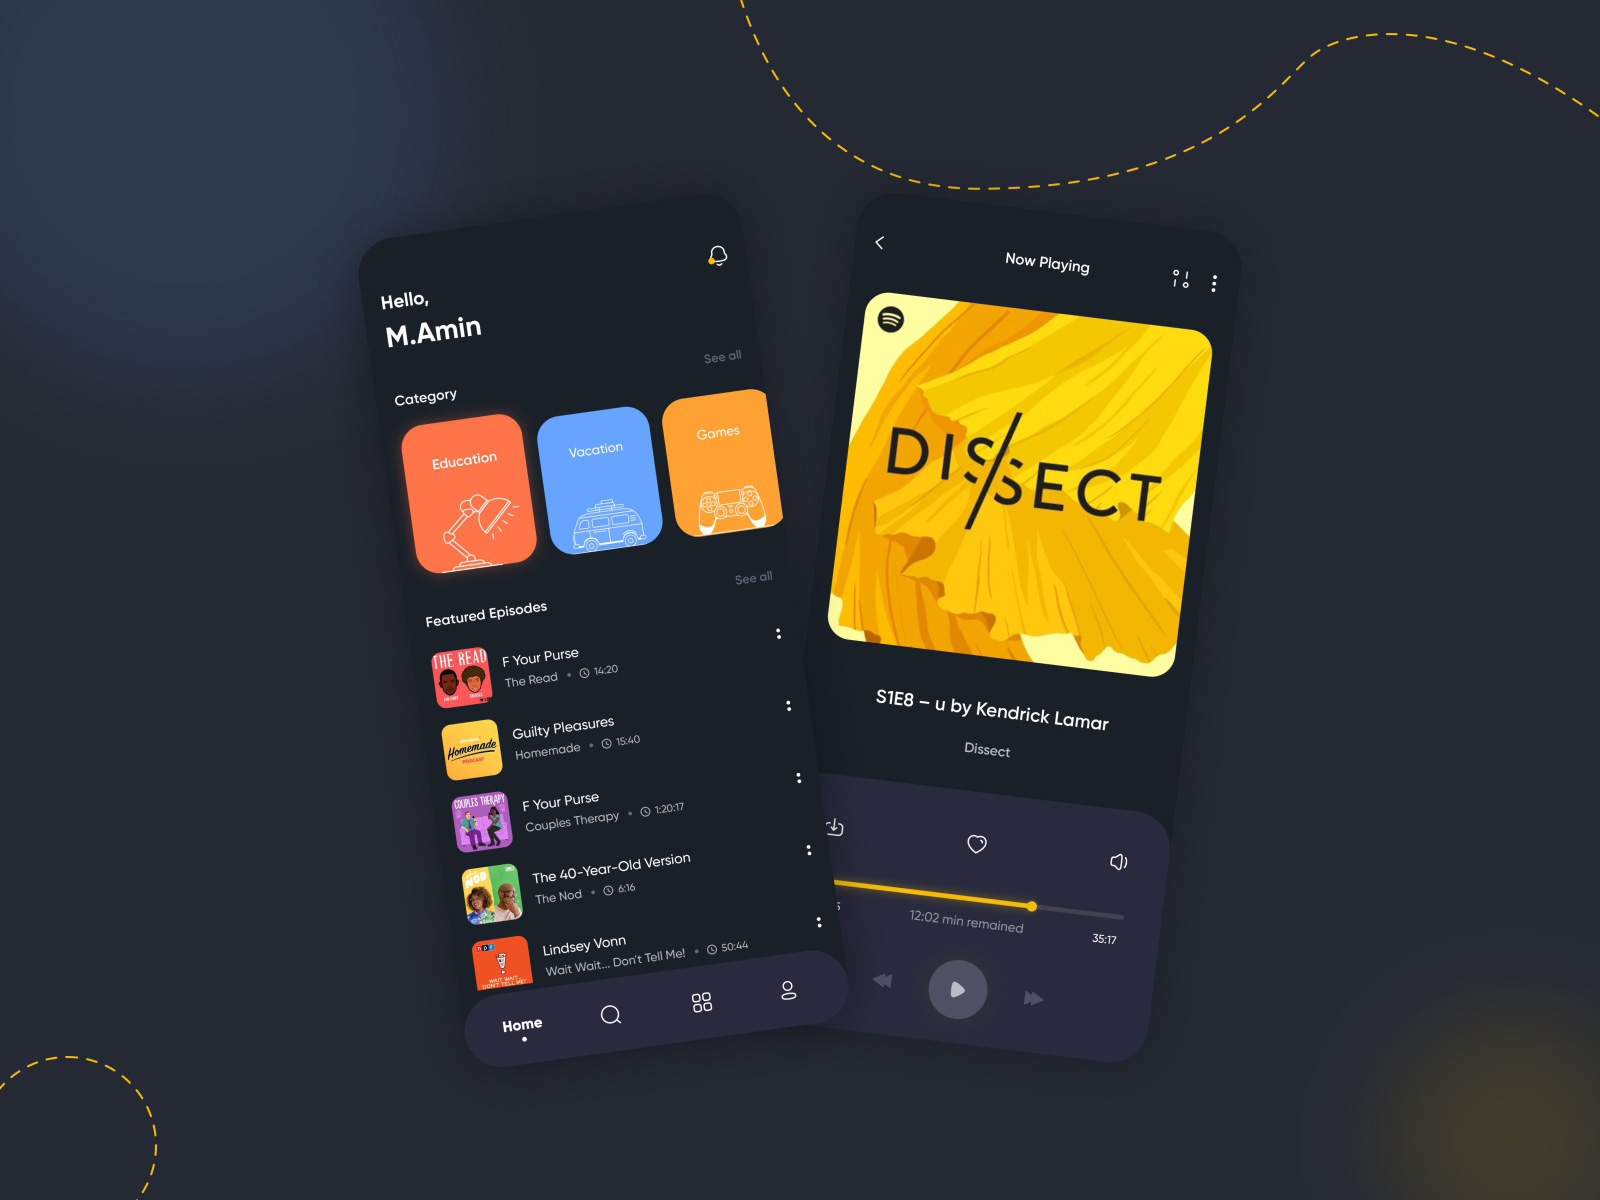 播客App应用程序概念套件插图